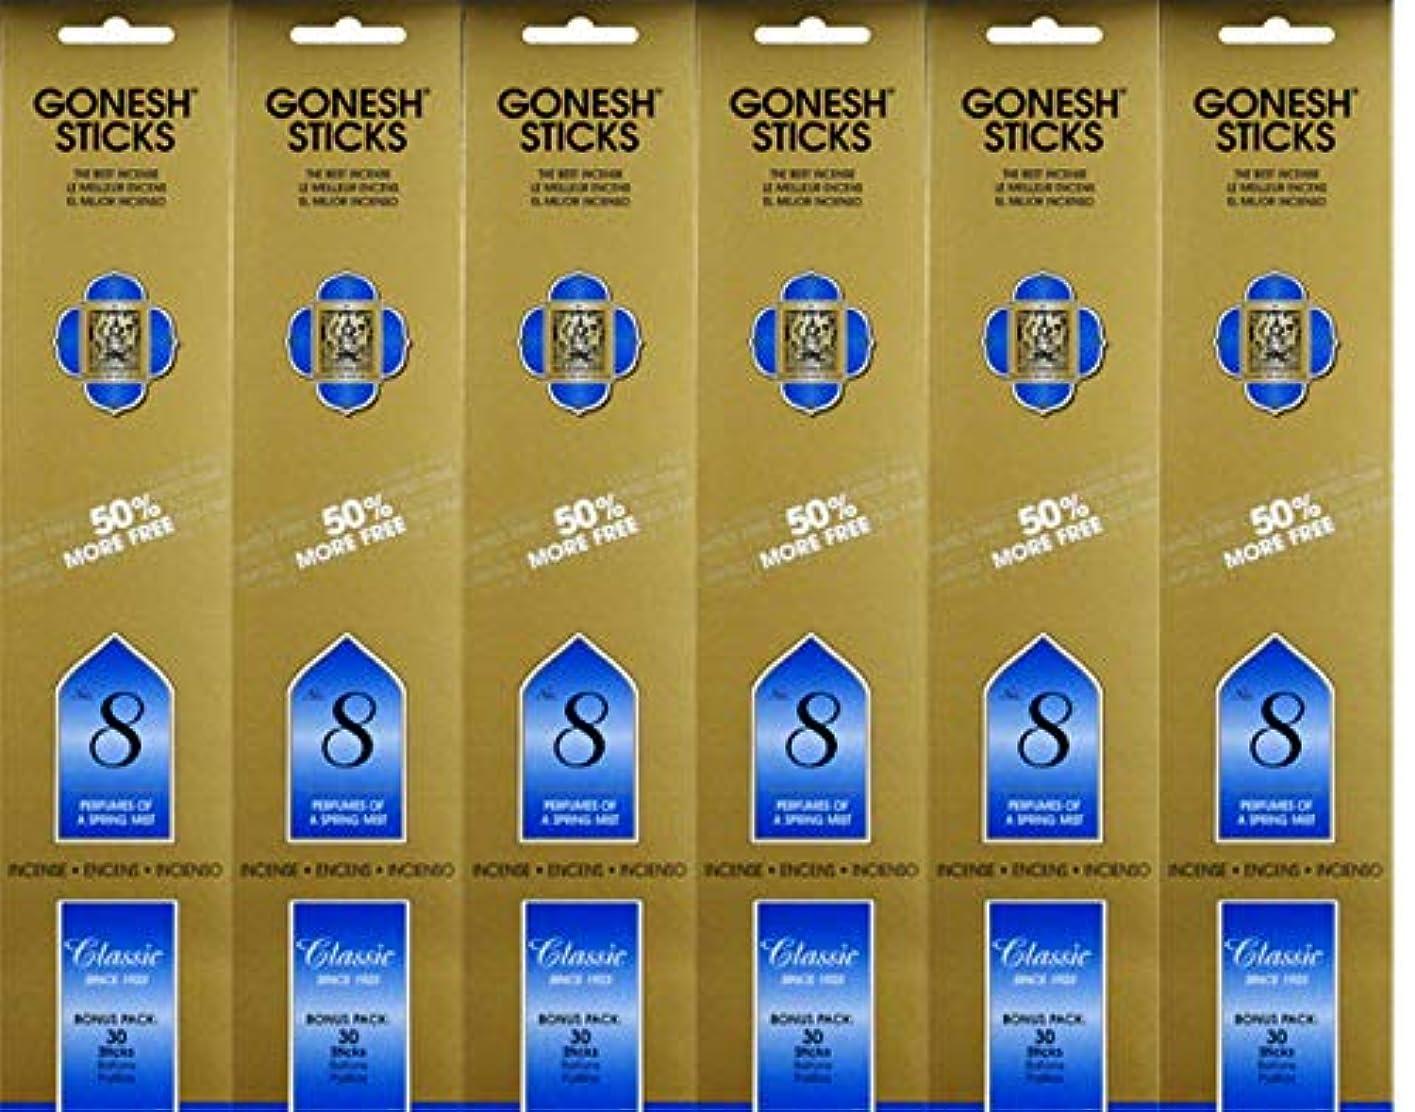 微弱便宜どこGonesh #8 Bonus Pack 30 sticks ガーネッシュ#8 ボーナスパック30本入 6個組 180本